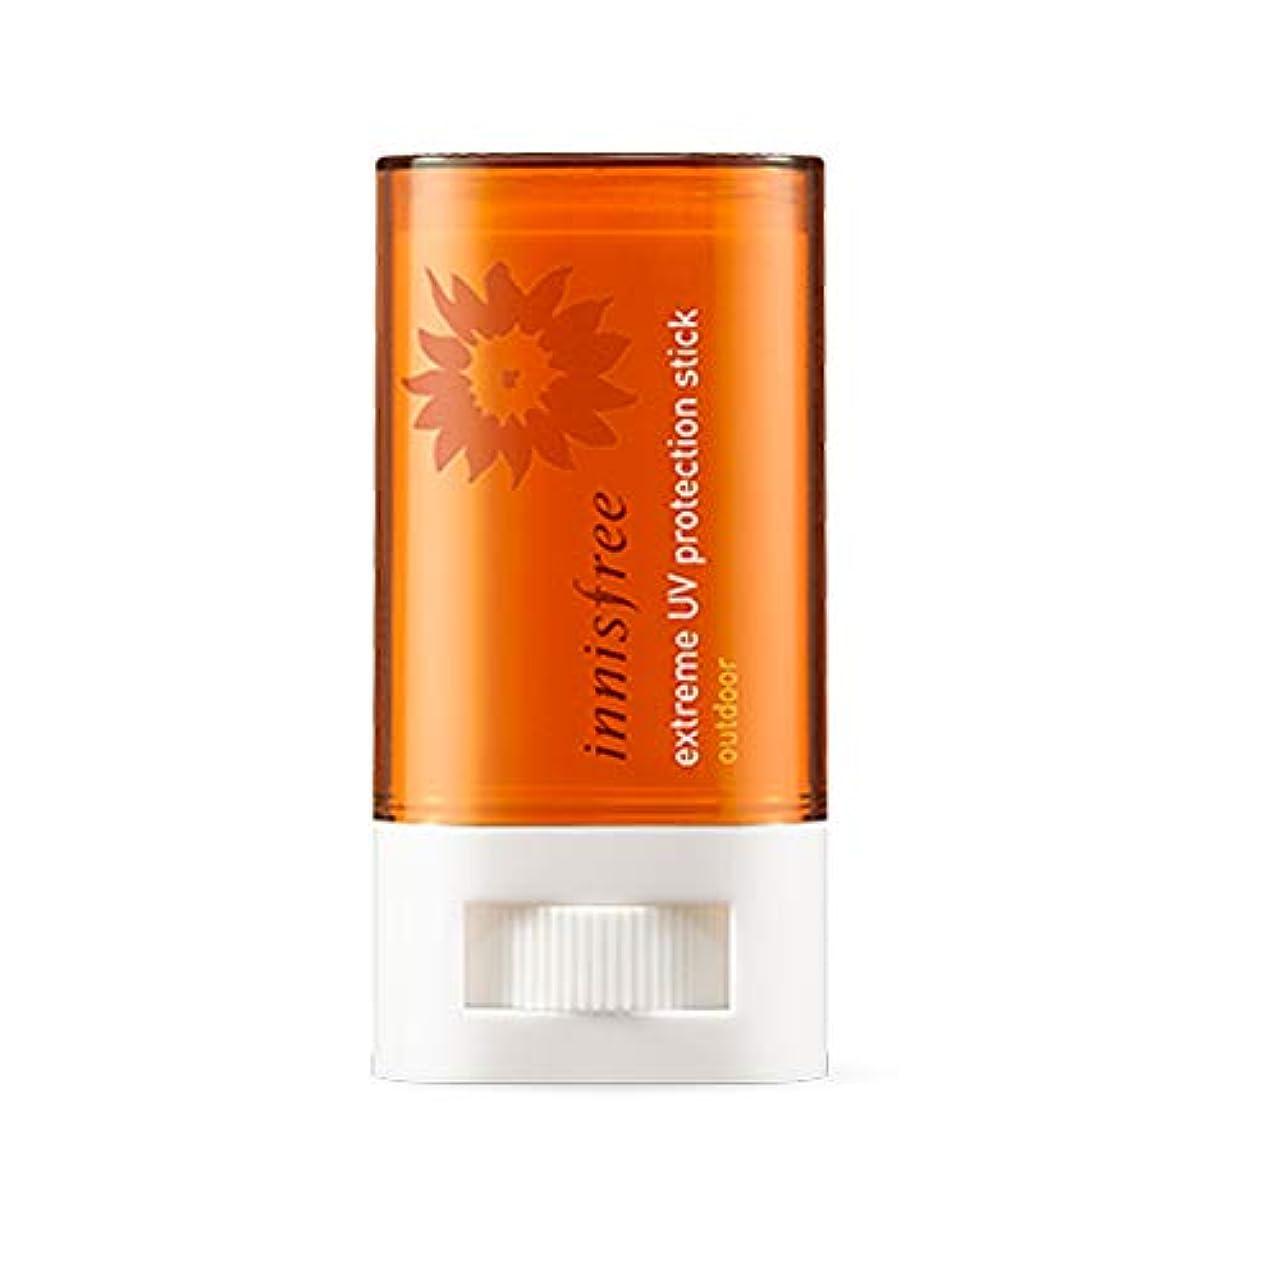 ランチカエルロマンスイニスフリーエクストリームUVプロテクションスティックアウトドアSPF50 + PA ++++ 19g Innisfree Extreme UV Protection Stick Outdoor SPF50 + PA +...